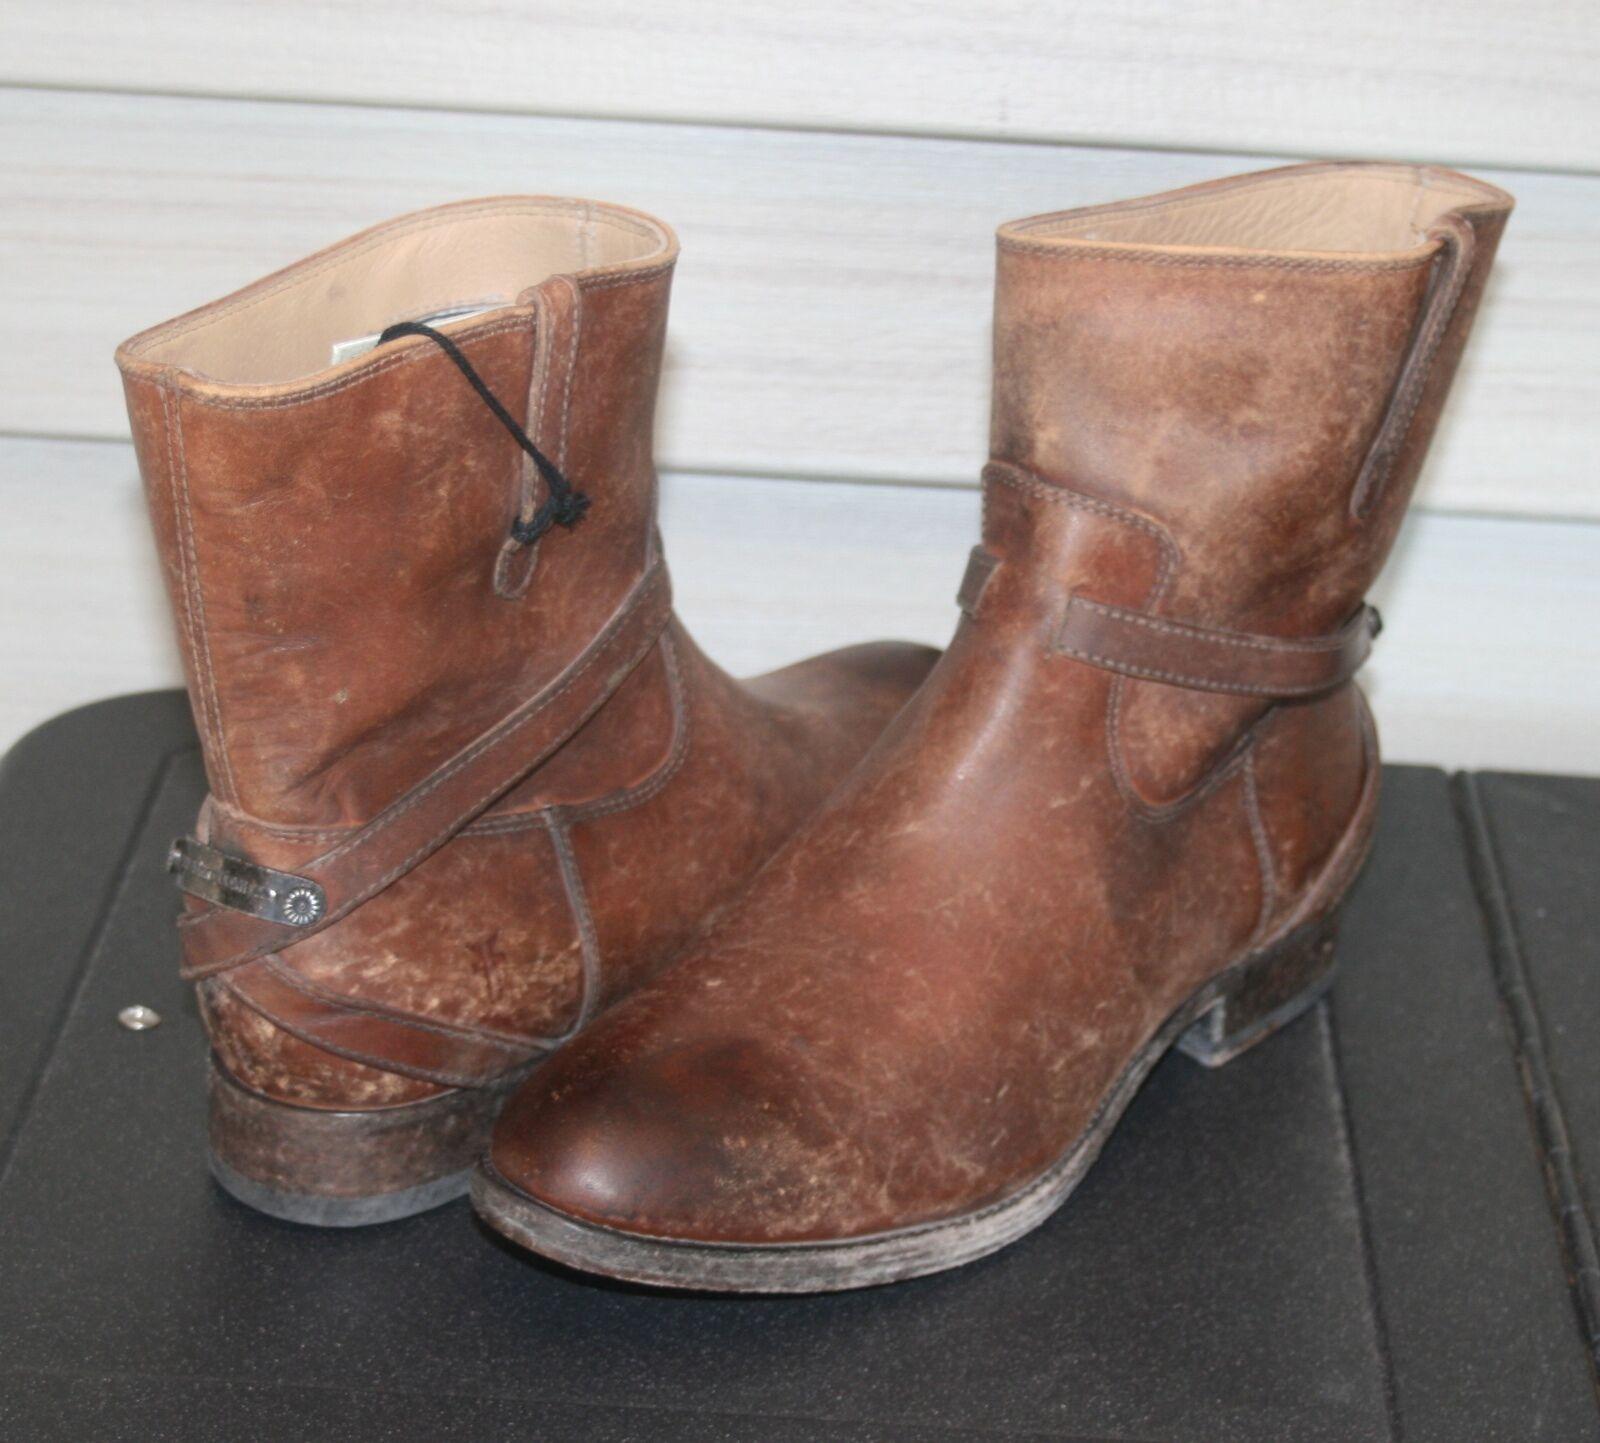 FRYE LINDSEY PLATE SHORT US 7 Woman's Ankle Boot Cognac Cognac Cognac Stone Wash e4e16d